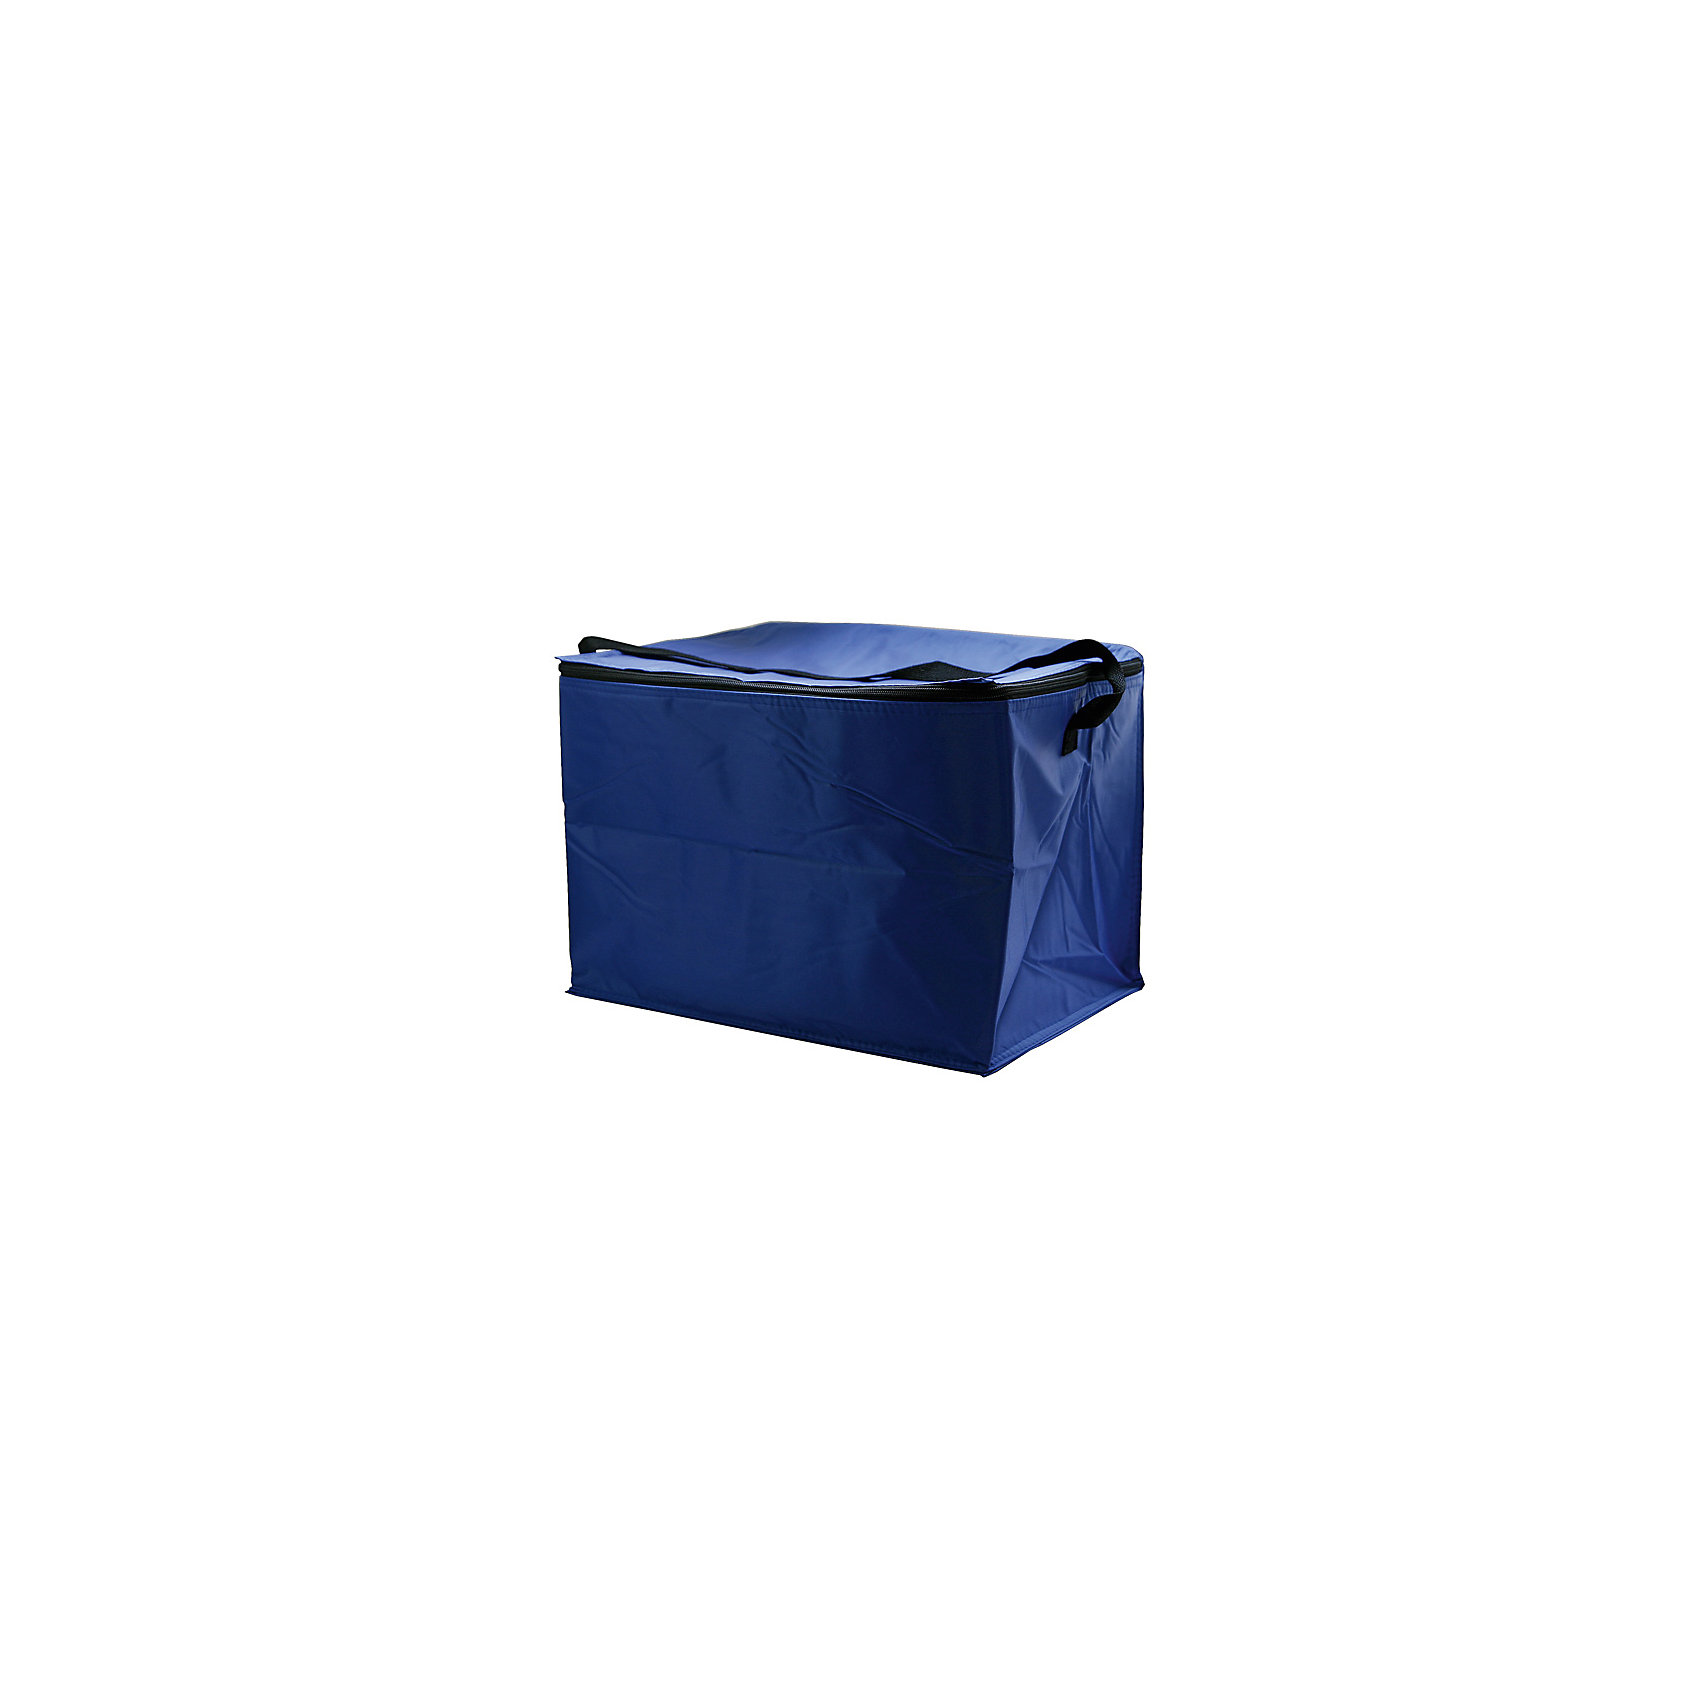 Сумка-холодильник Семейная 39х29х28 см, МФК-профитТермосумки и термосы<br>Сумка-холодильник Семейная 39х29х28 см, МФК-профит.<br><br>Характеристики:<br><br>• Размер: 39х29х28 см.<br>• Объем: 31 л.<br>• Материал верха: нейлон<br>• Цвет: синий<br>• Выдерживает нагрузку до 5 кг.<br>• Сохраняет температуру до 2-х часов<br>• Вес: 302 гр.<br><br>Сумка-холодильник Семейная предназначена для сохранения продуктов и напитков прохладными в жаркую погоду. При необходимости сумку можно использовать в качестве термоса для хранения и транспортировки горячих продуктов. Внутренний слой сумки изготовлен из алюминиевой фольги с полимерным покрытием, что позволяет сохранять температуру продуктов длительное время. Внешний слой выполнен из нейлона – износостойкого, термостойкого материала. Сумка-холодильник компактно складывается, при этом внутренний изоляционный слой не повреждается. Имеет одно основное отделение, закрывающееся на молнию. Для удобной переноски сумка оснащена плечевым ремнем. Легко моется как снаружи, так и внутри. Сумка-холодильник Семейная идеально подходит для отдыха на природе, пикников, туристических походов и путешествий.<br><br>Сумку-холодильник Семейная 39х29х28 см, МФК-профит можно купить в нашем интернет-магазине.<br><br>Ширина мм: 390<br>Глубина мм: 290<br>Высота мм: 280<br>Вес г: 302<br>Возраст от месяцев: 36<br>Возраст до месяцев: 1188<br>Пол: Унисекс<br>Возраст: Детский<br>SKU: 5601138